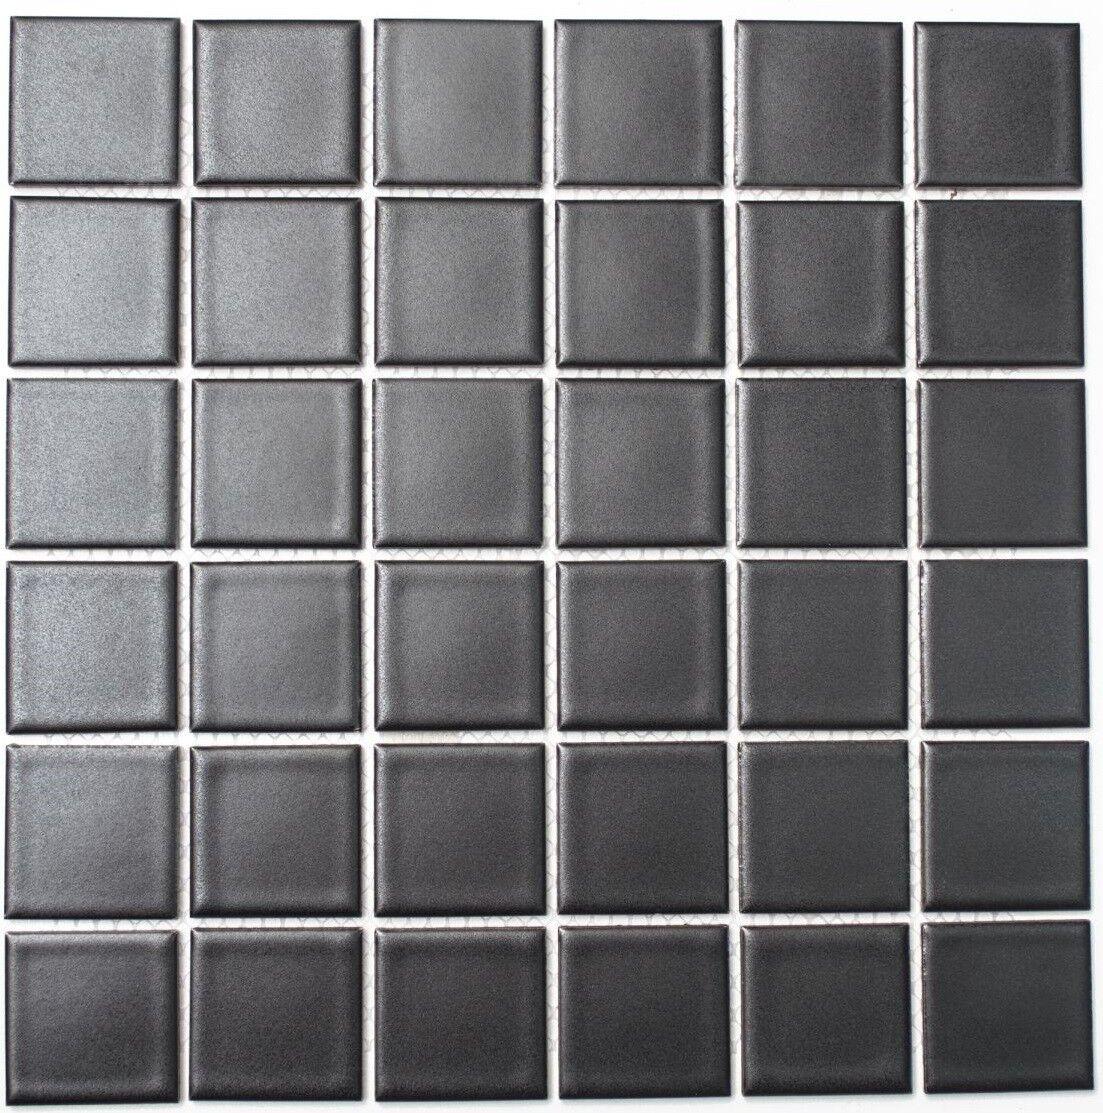 details sur mosaique carreau ceramique noir mat cuisine bain mur sol 16 0311 f 10 plaques